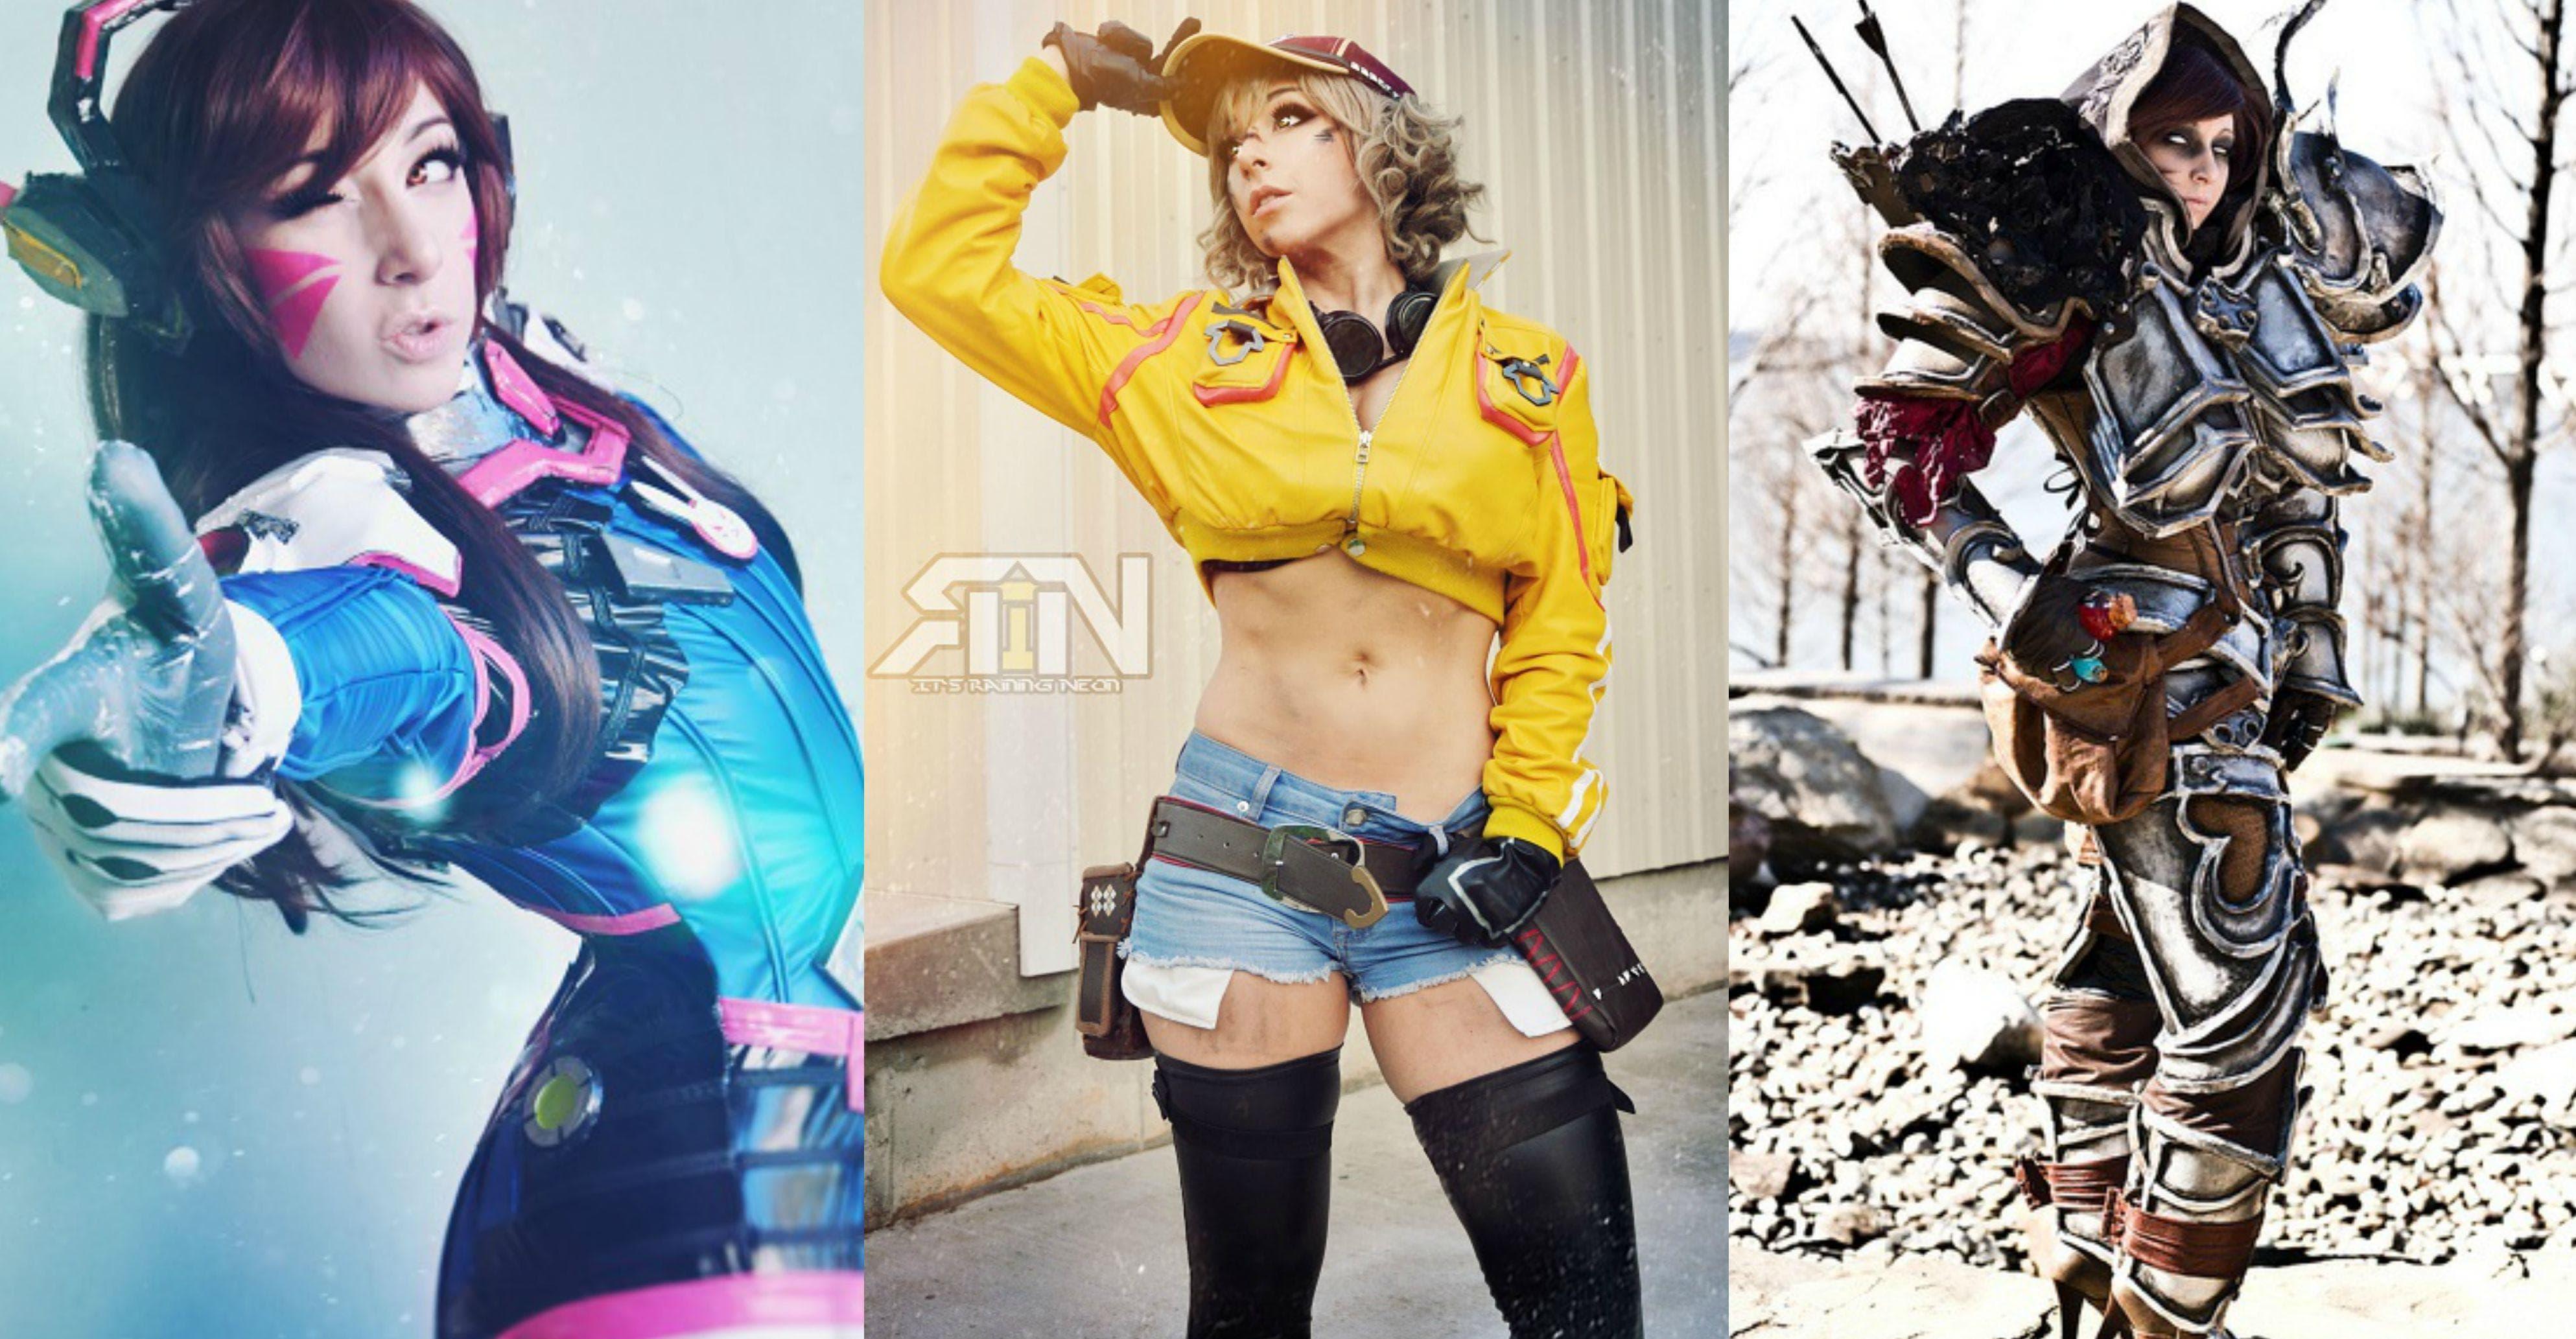 Girl cosplay Buy Anime